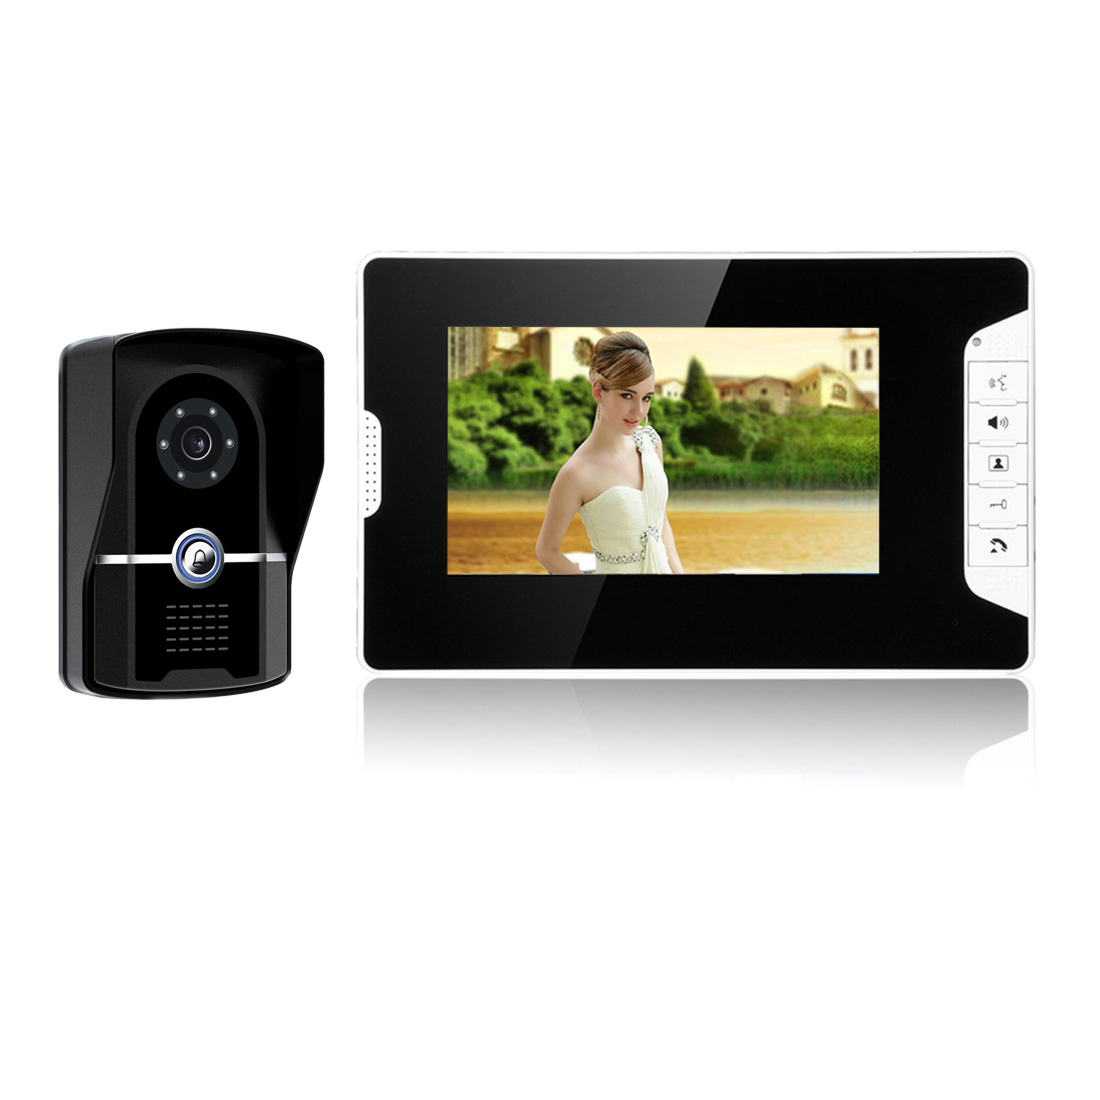 7 inch Video Door Phone Doorbell Intercom System IP55 level waterproof camera-in Video Intercom from Security & Protection